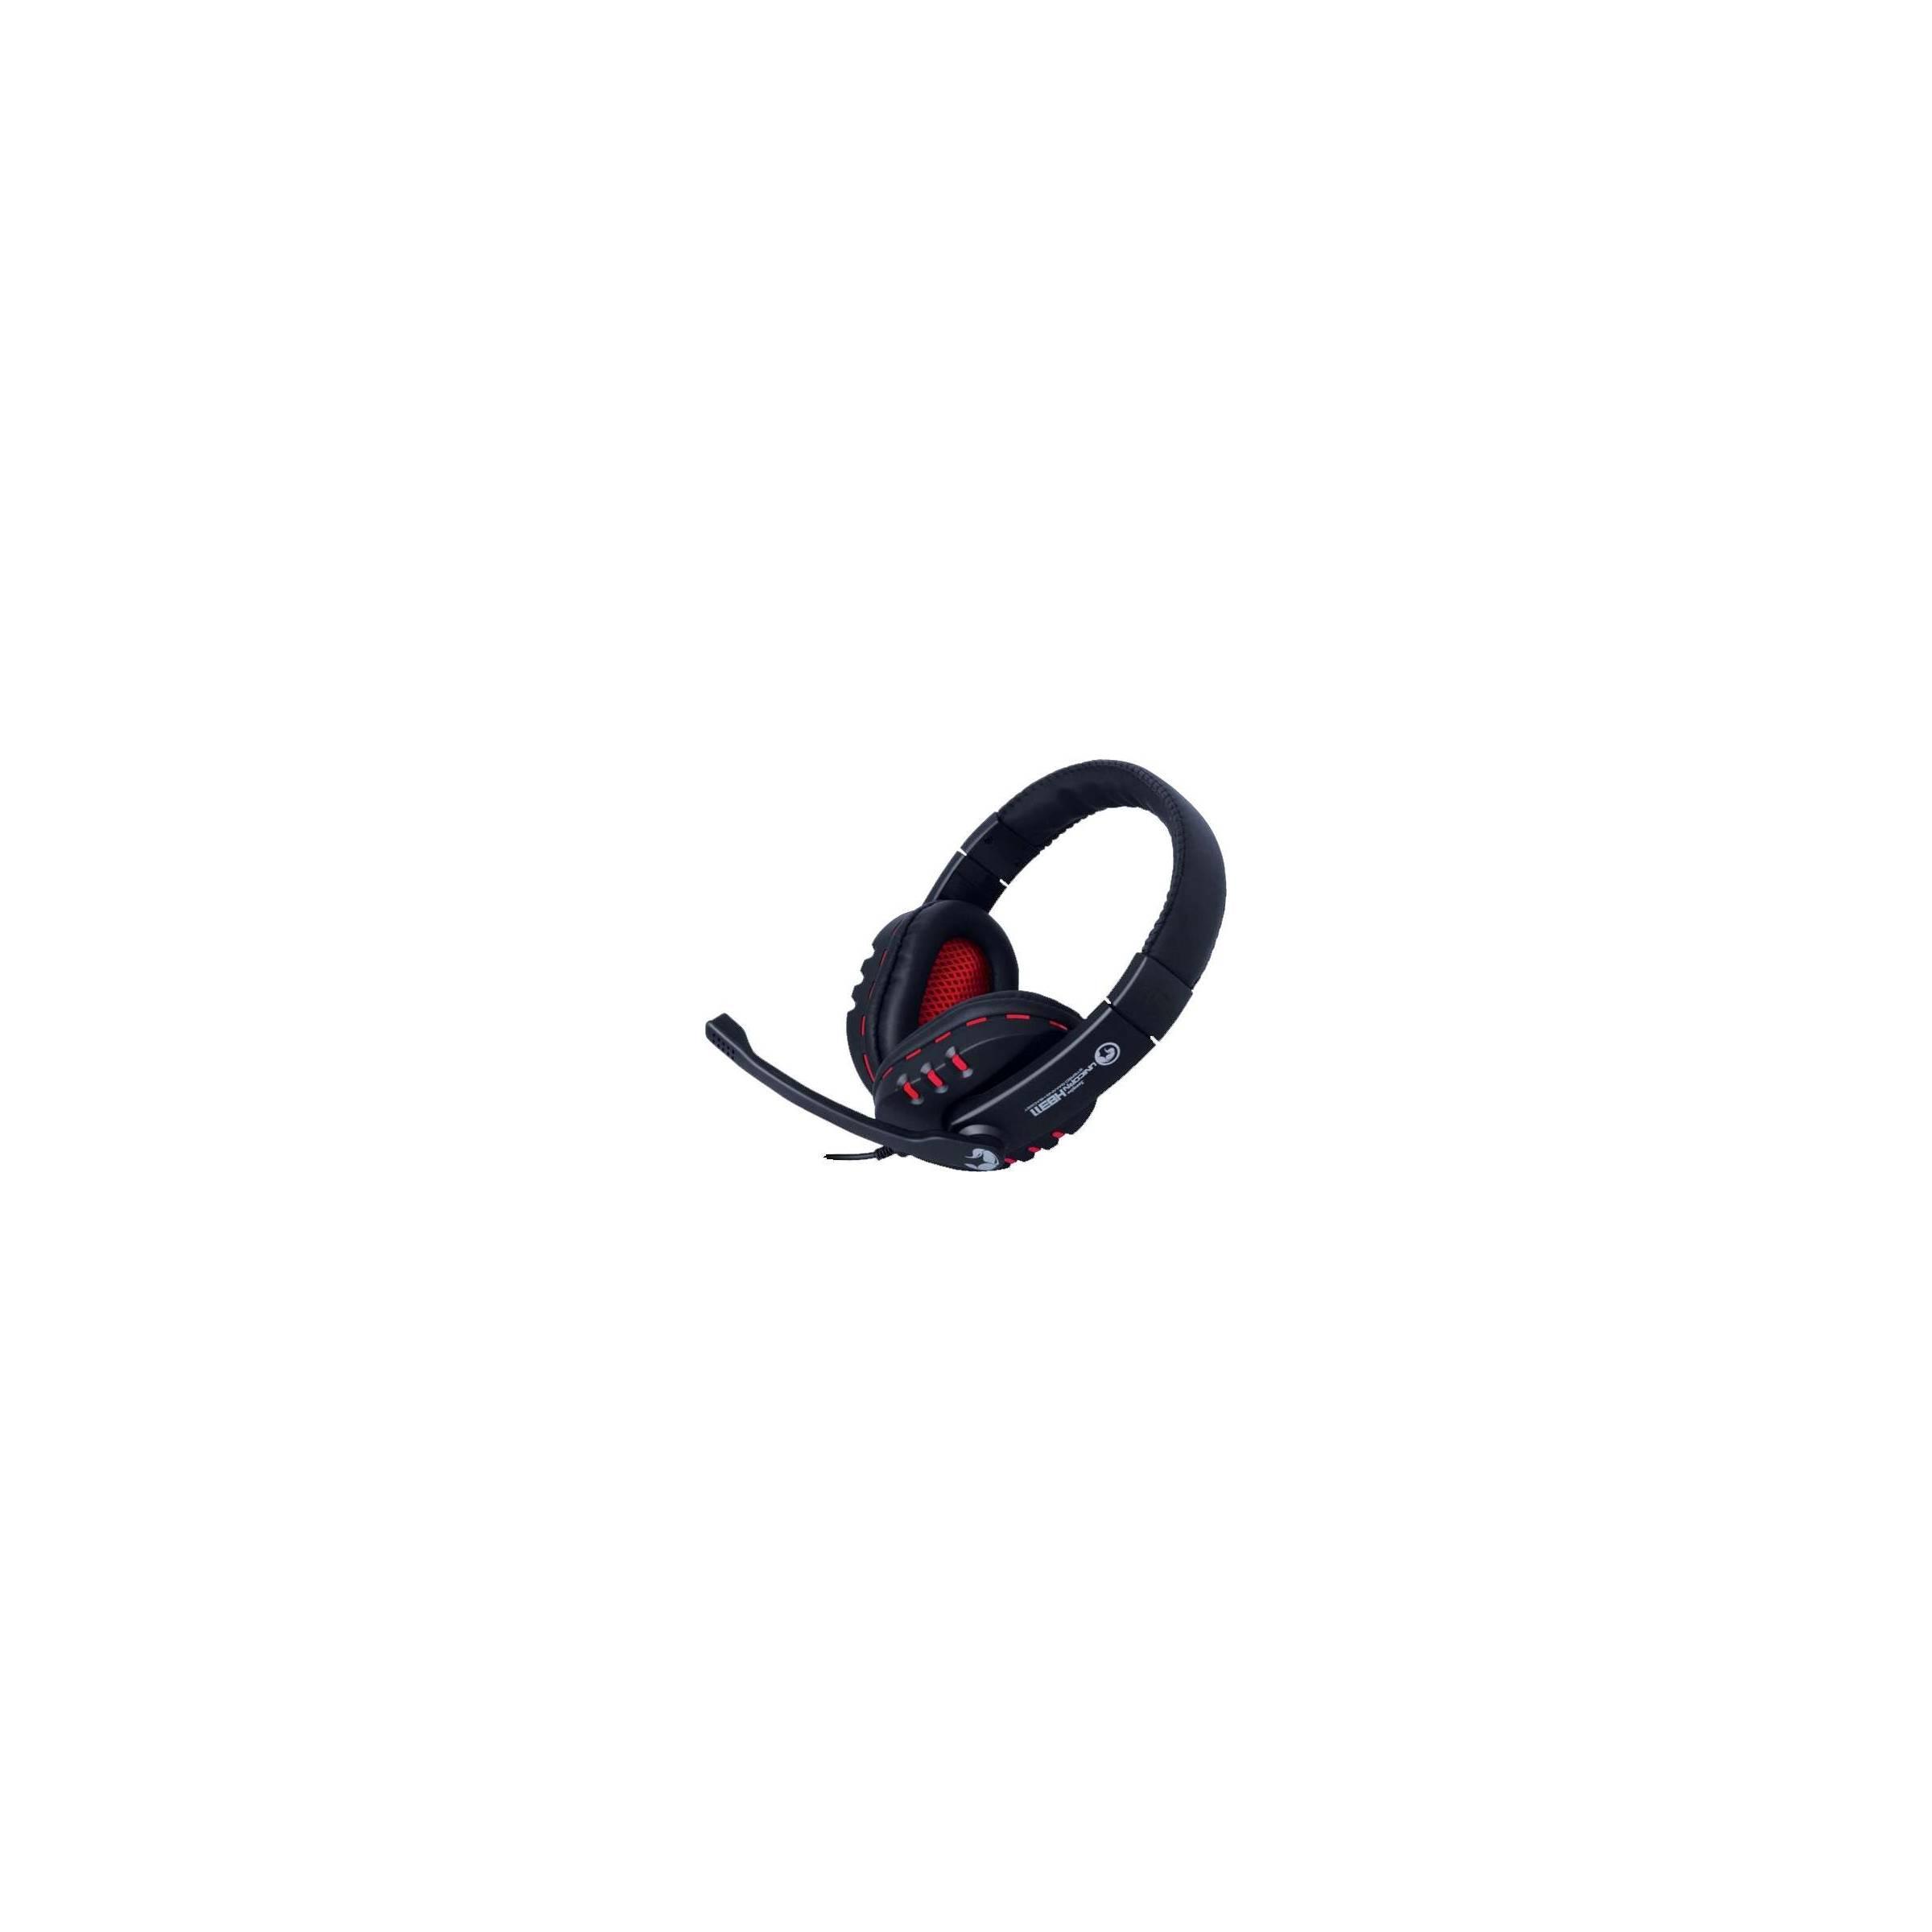 scorpion by marvo Marvo gaming headset h8311 på mackabler.dk